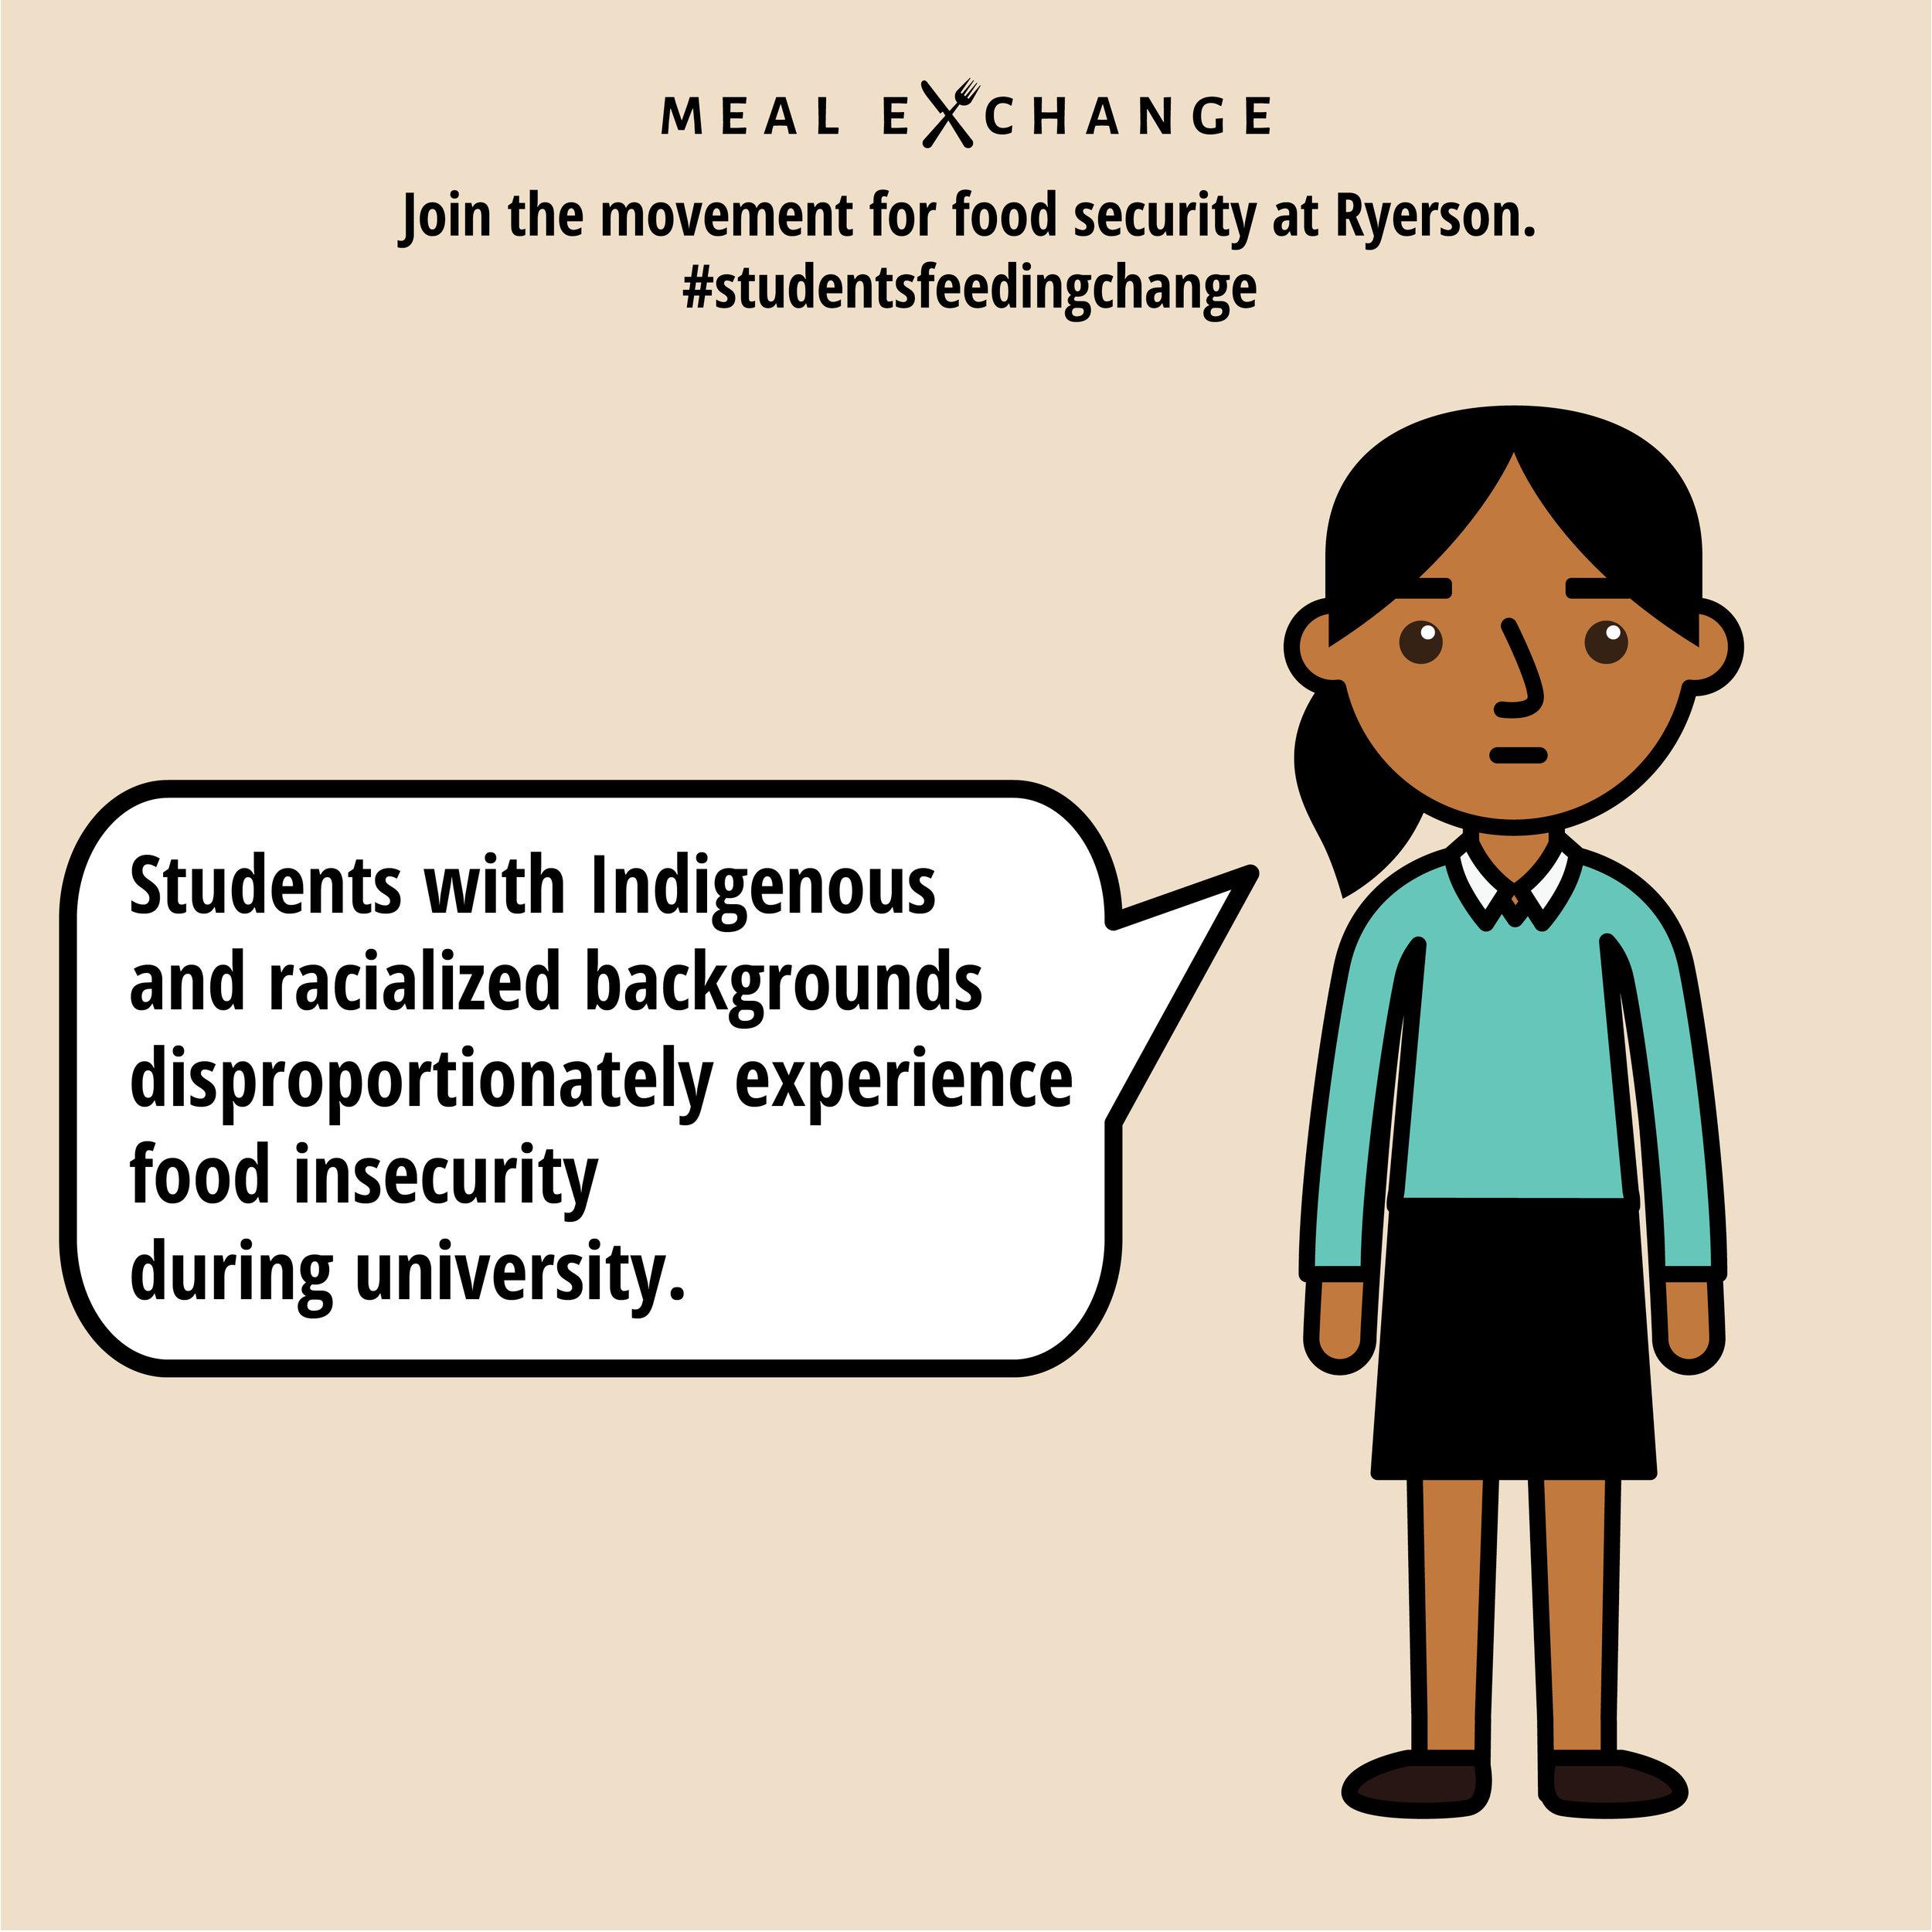 indigenousstudent1.2.jpg